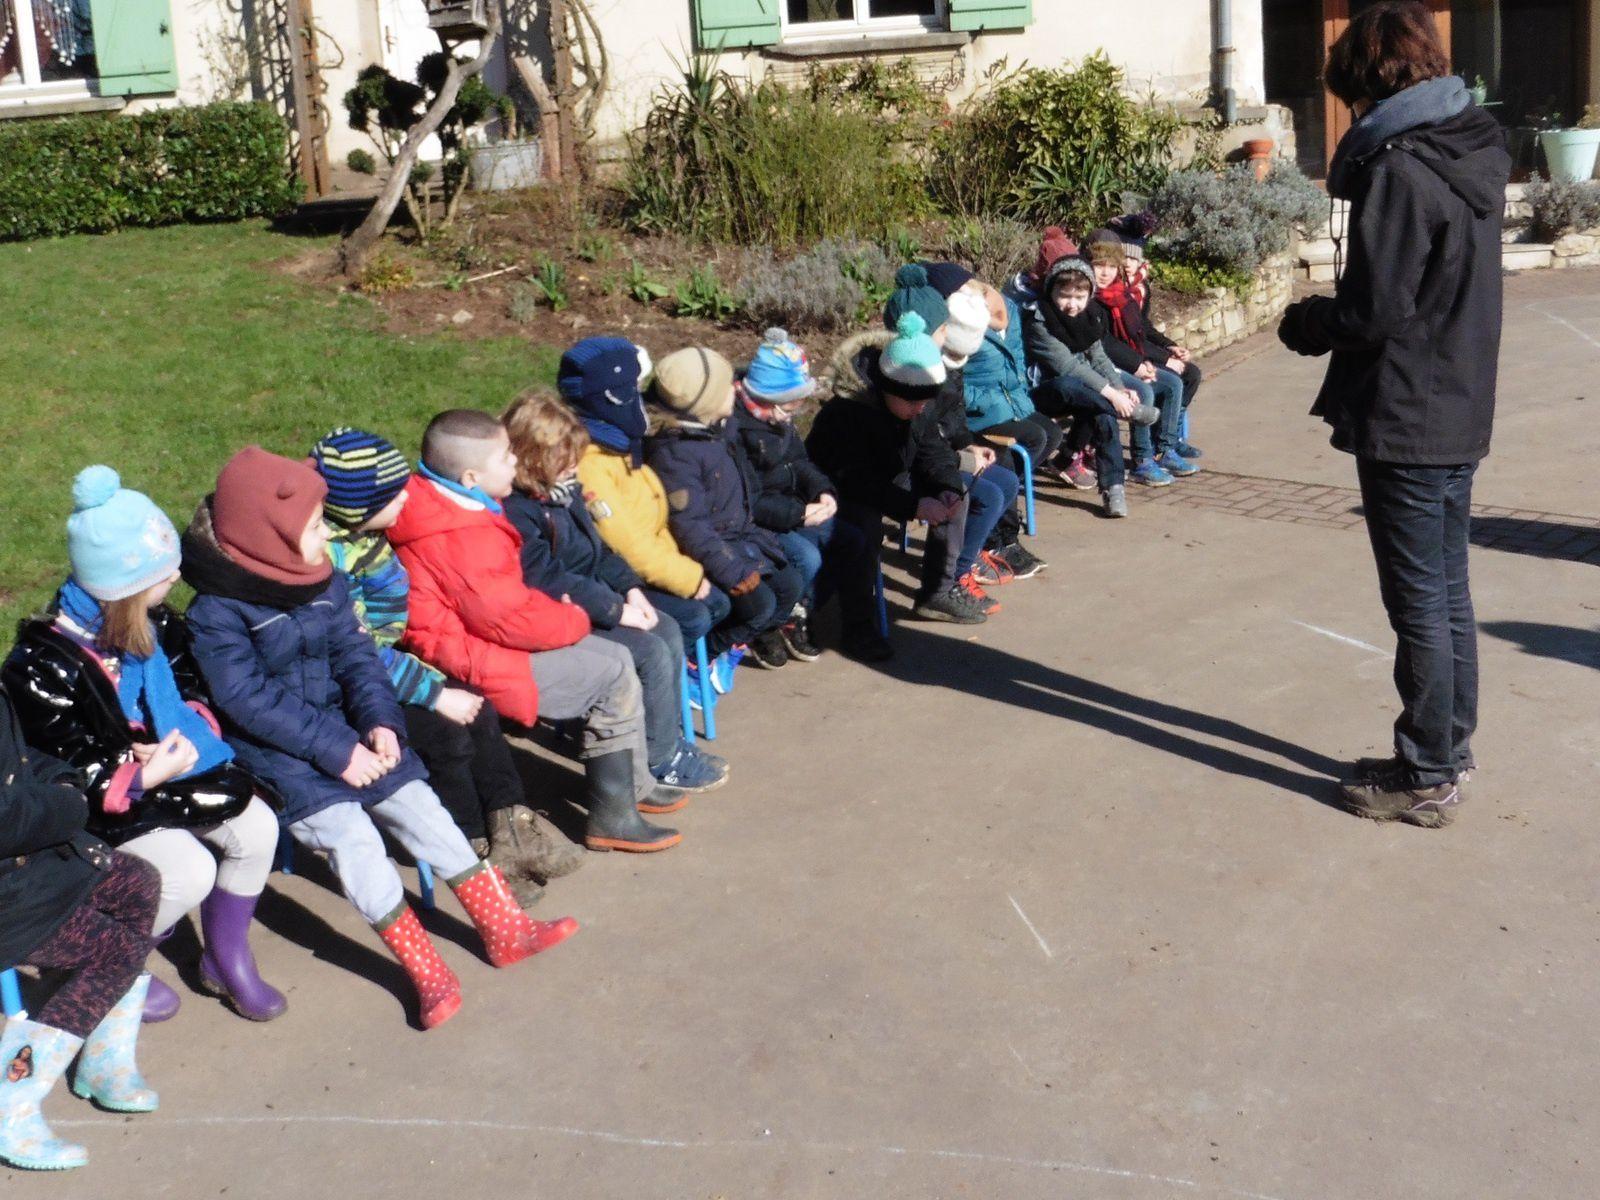 Les enfants écoutent attentivement le déroulement de la journée à la ferme encadrée par Marie, la propriétaire des lieux avec son époux ... Joseph! Je ne risque pas d'oublier pas leurs prénoms ;)